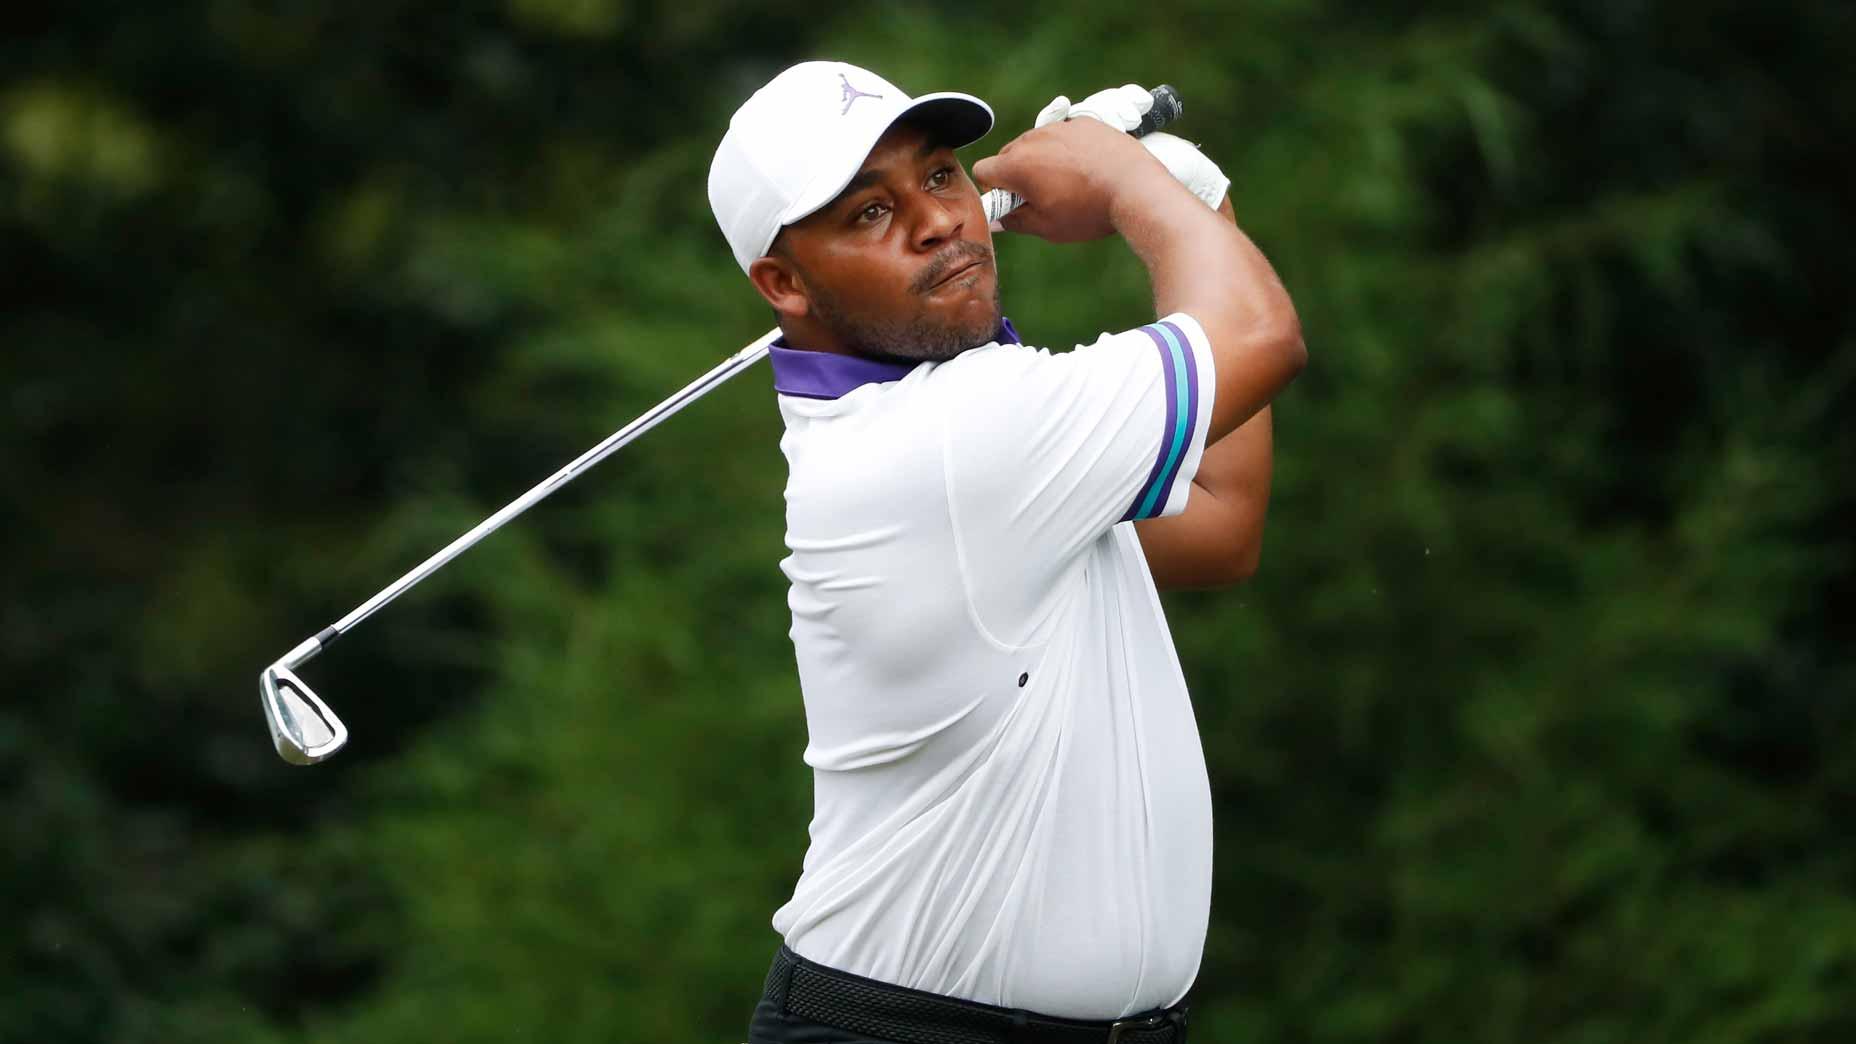 Pro golfer Harold Varner III